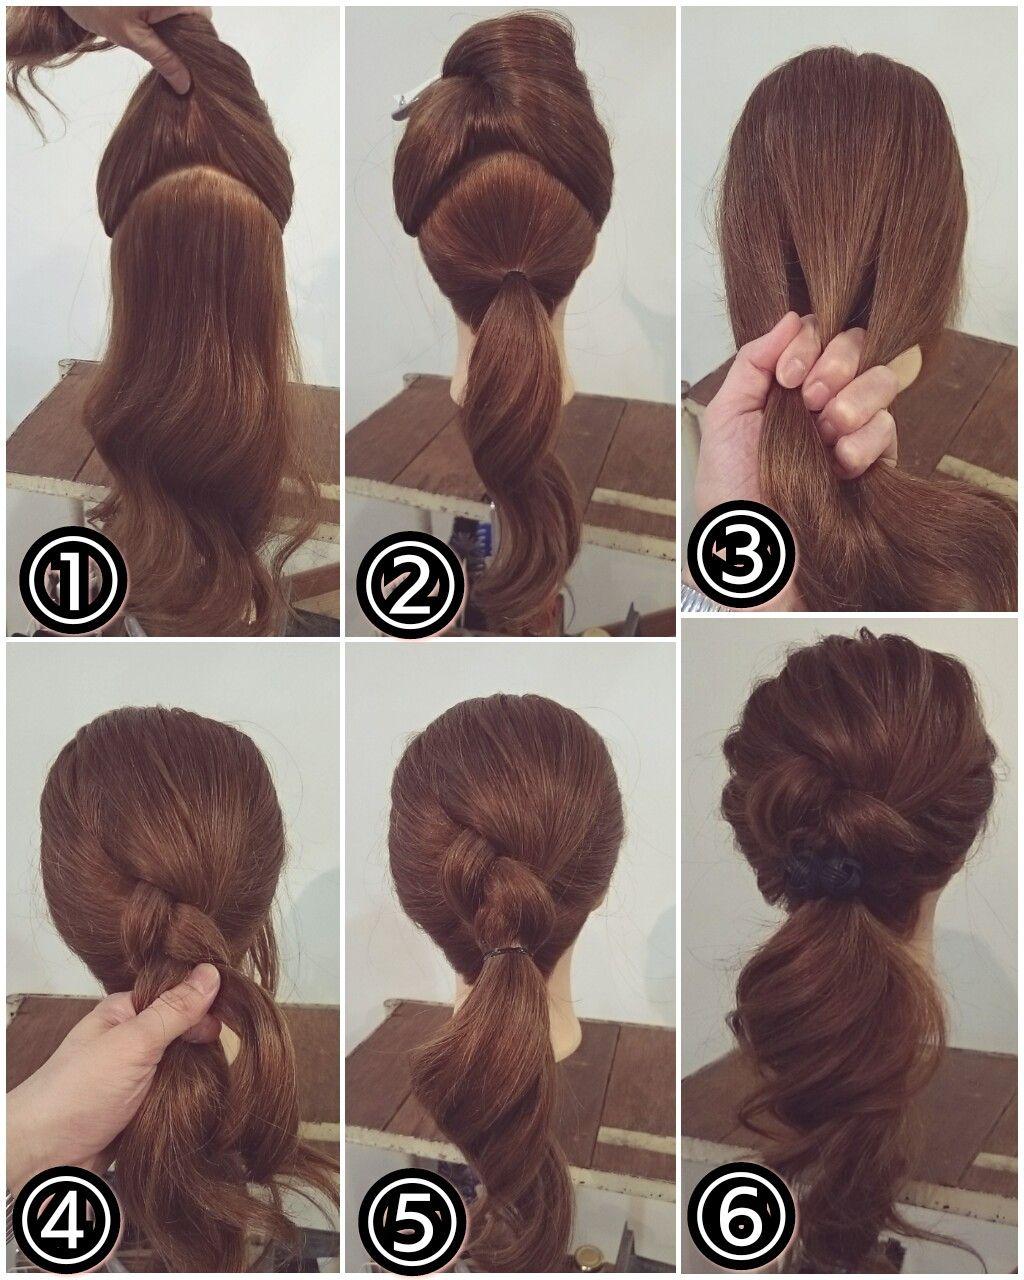 ヘアアレンジ stagramnesthairsalon hairstyles